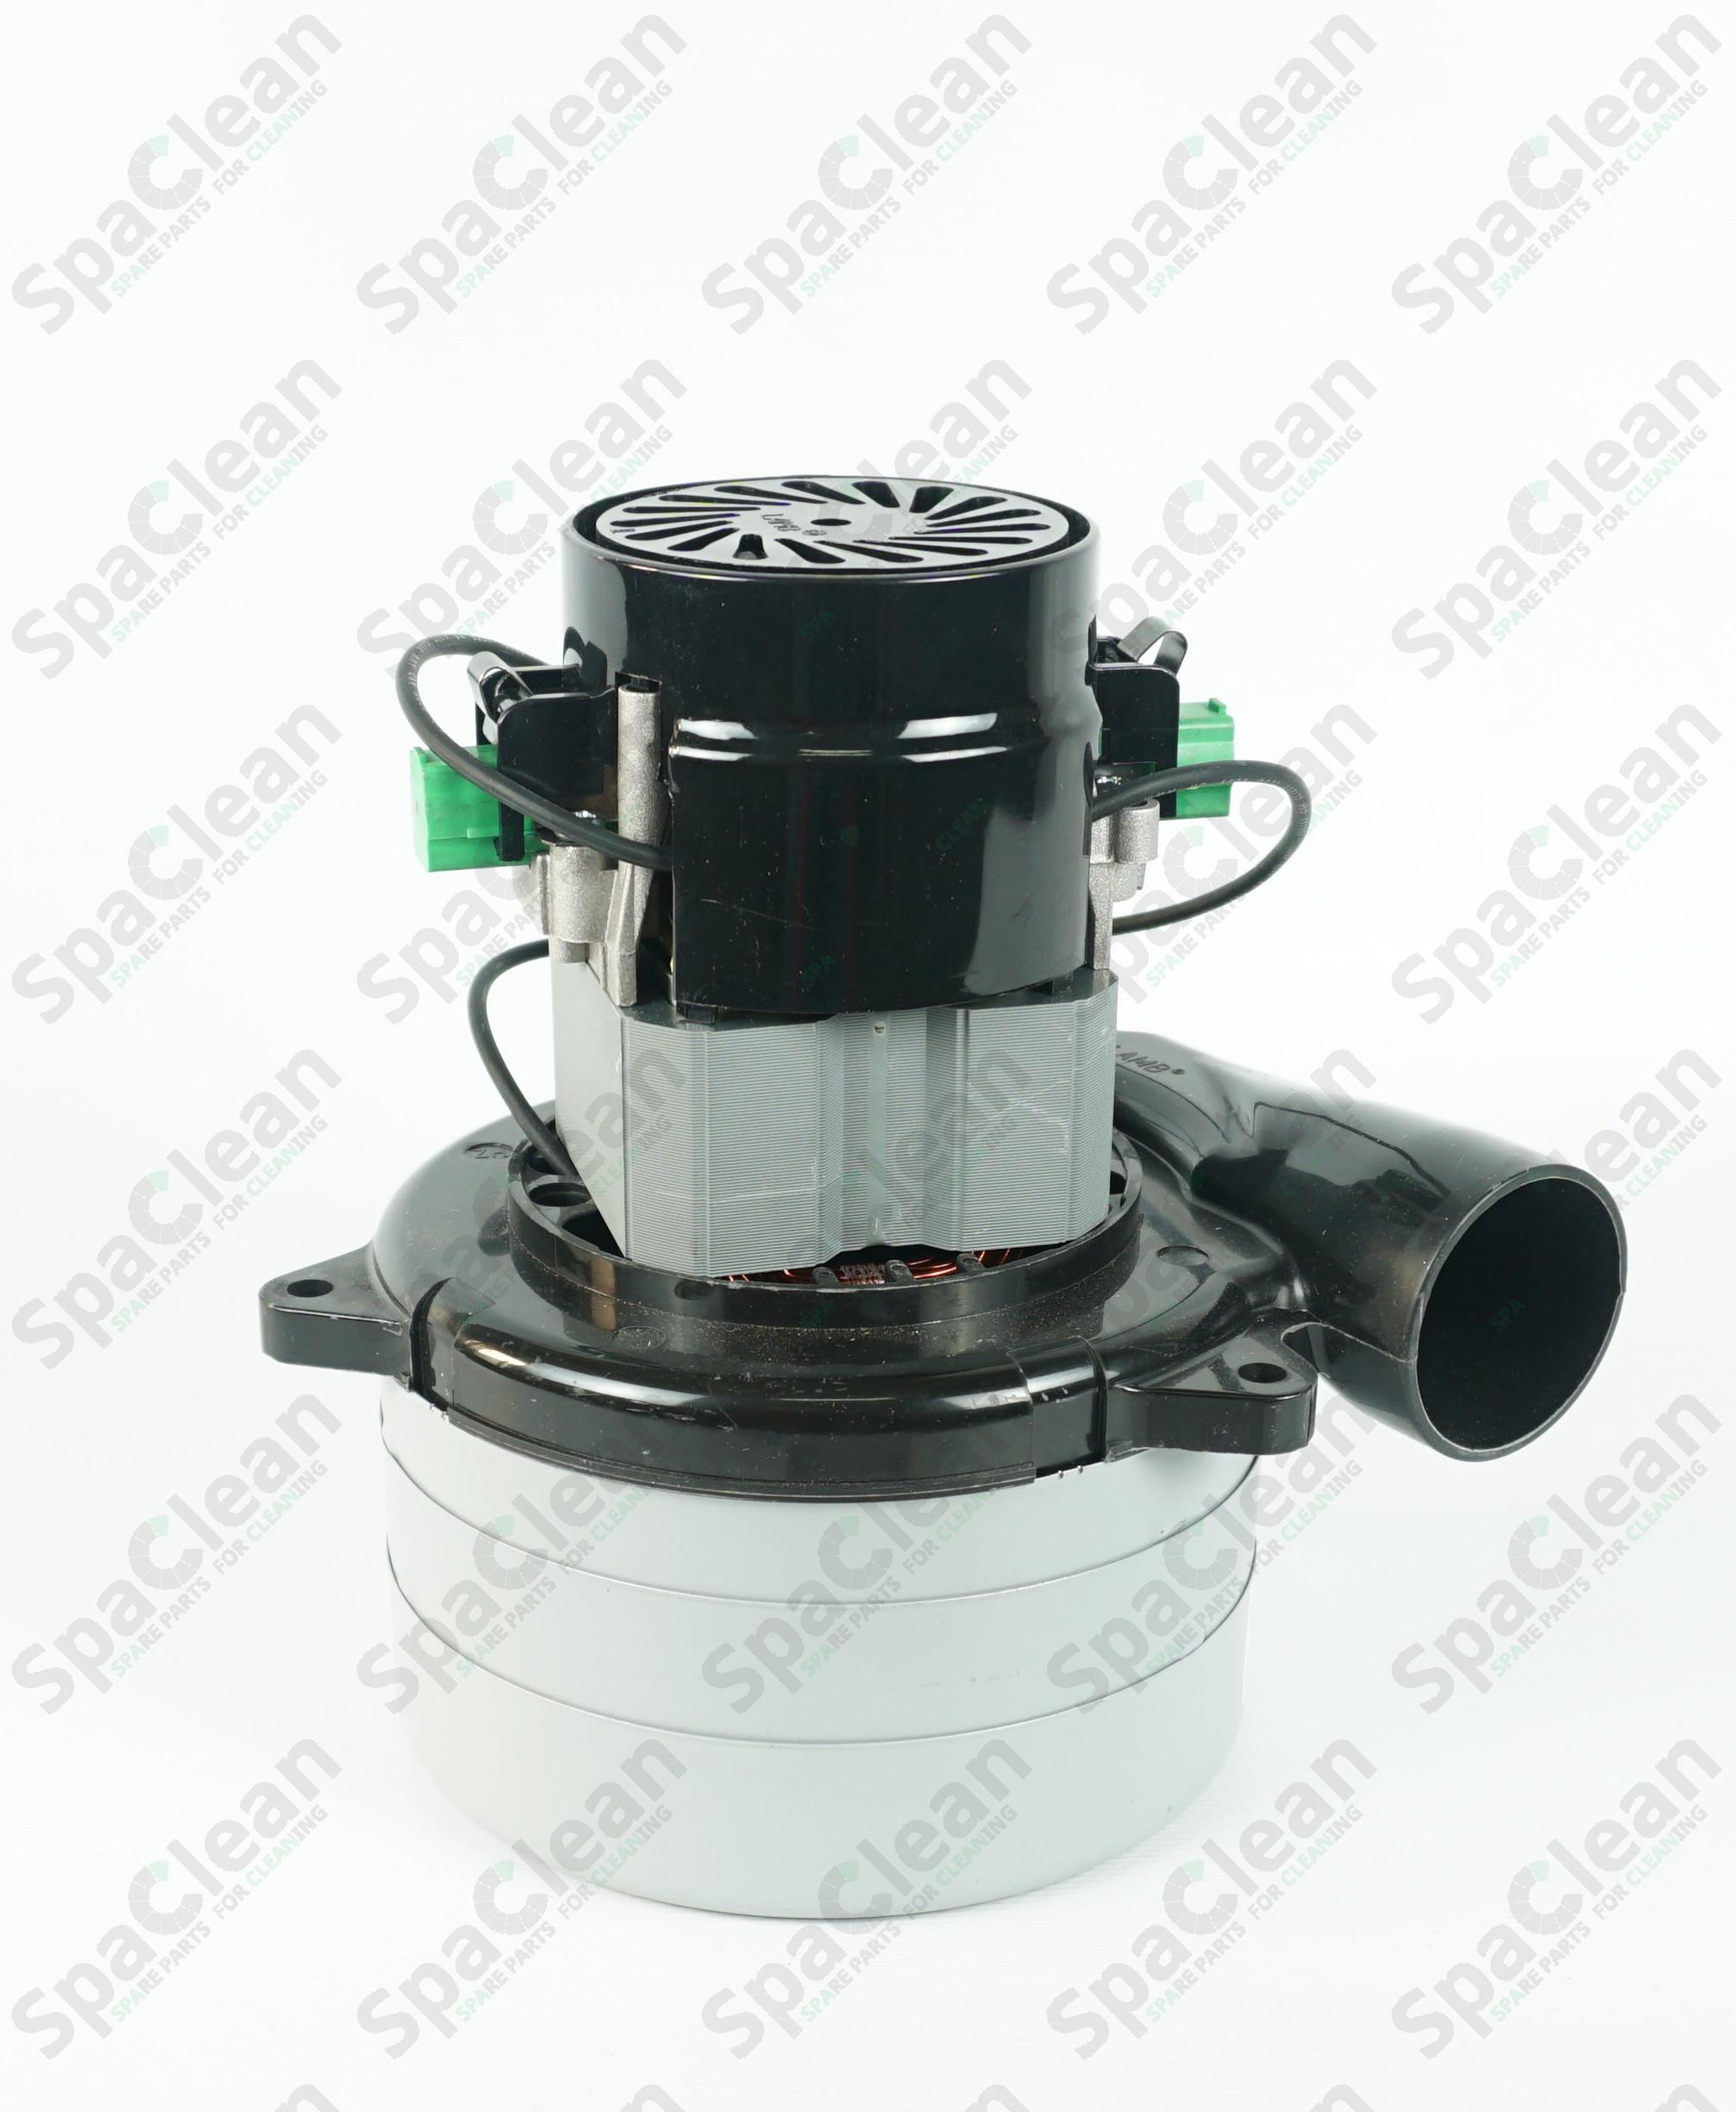 Вакуумный мотор Lamb Ametek 36V 550W Трехстадийный для Fimap Gamma 66